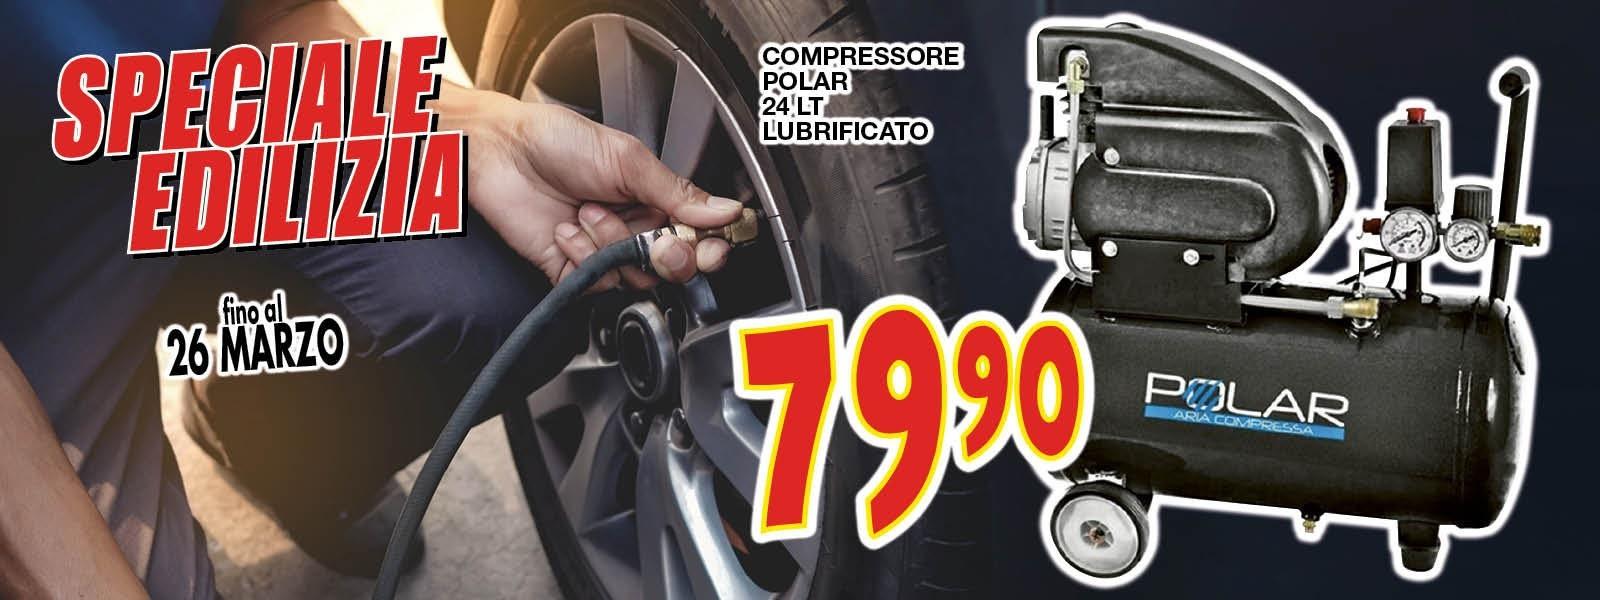 COMPRESSORE POLAR 24LT